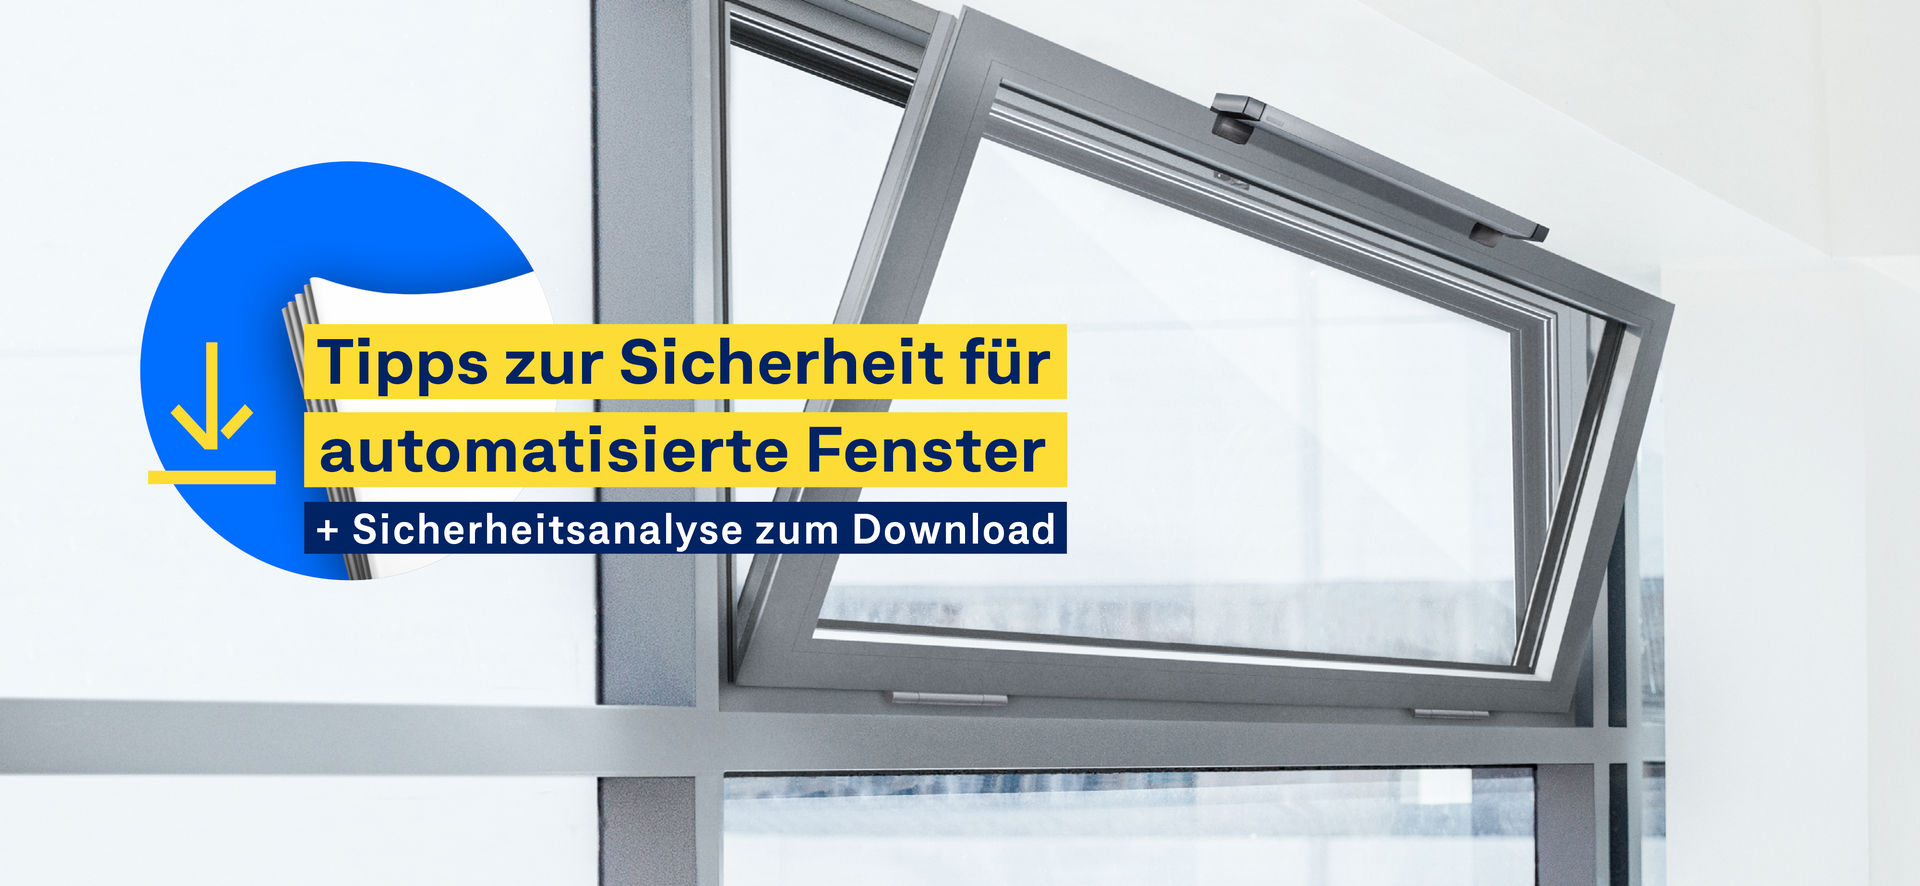 Führen Sie eine Risikoanalyse Ihres Fensters durch.